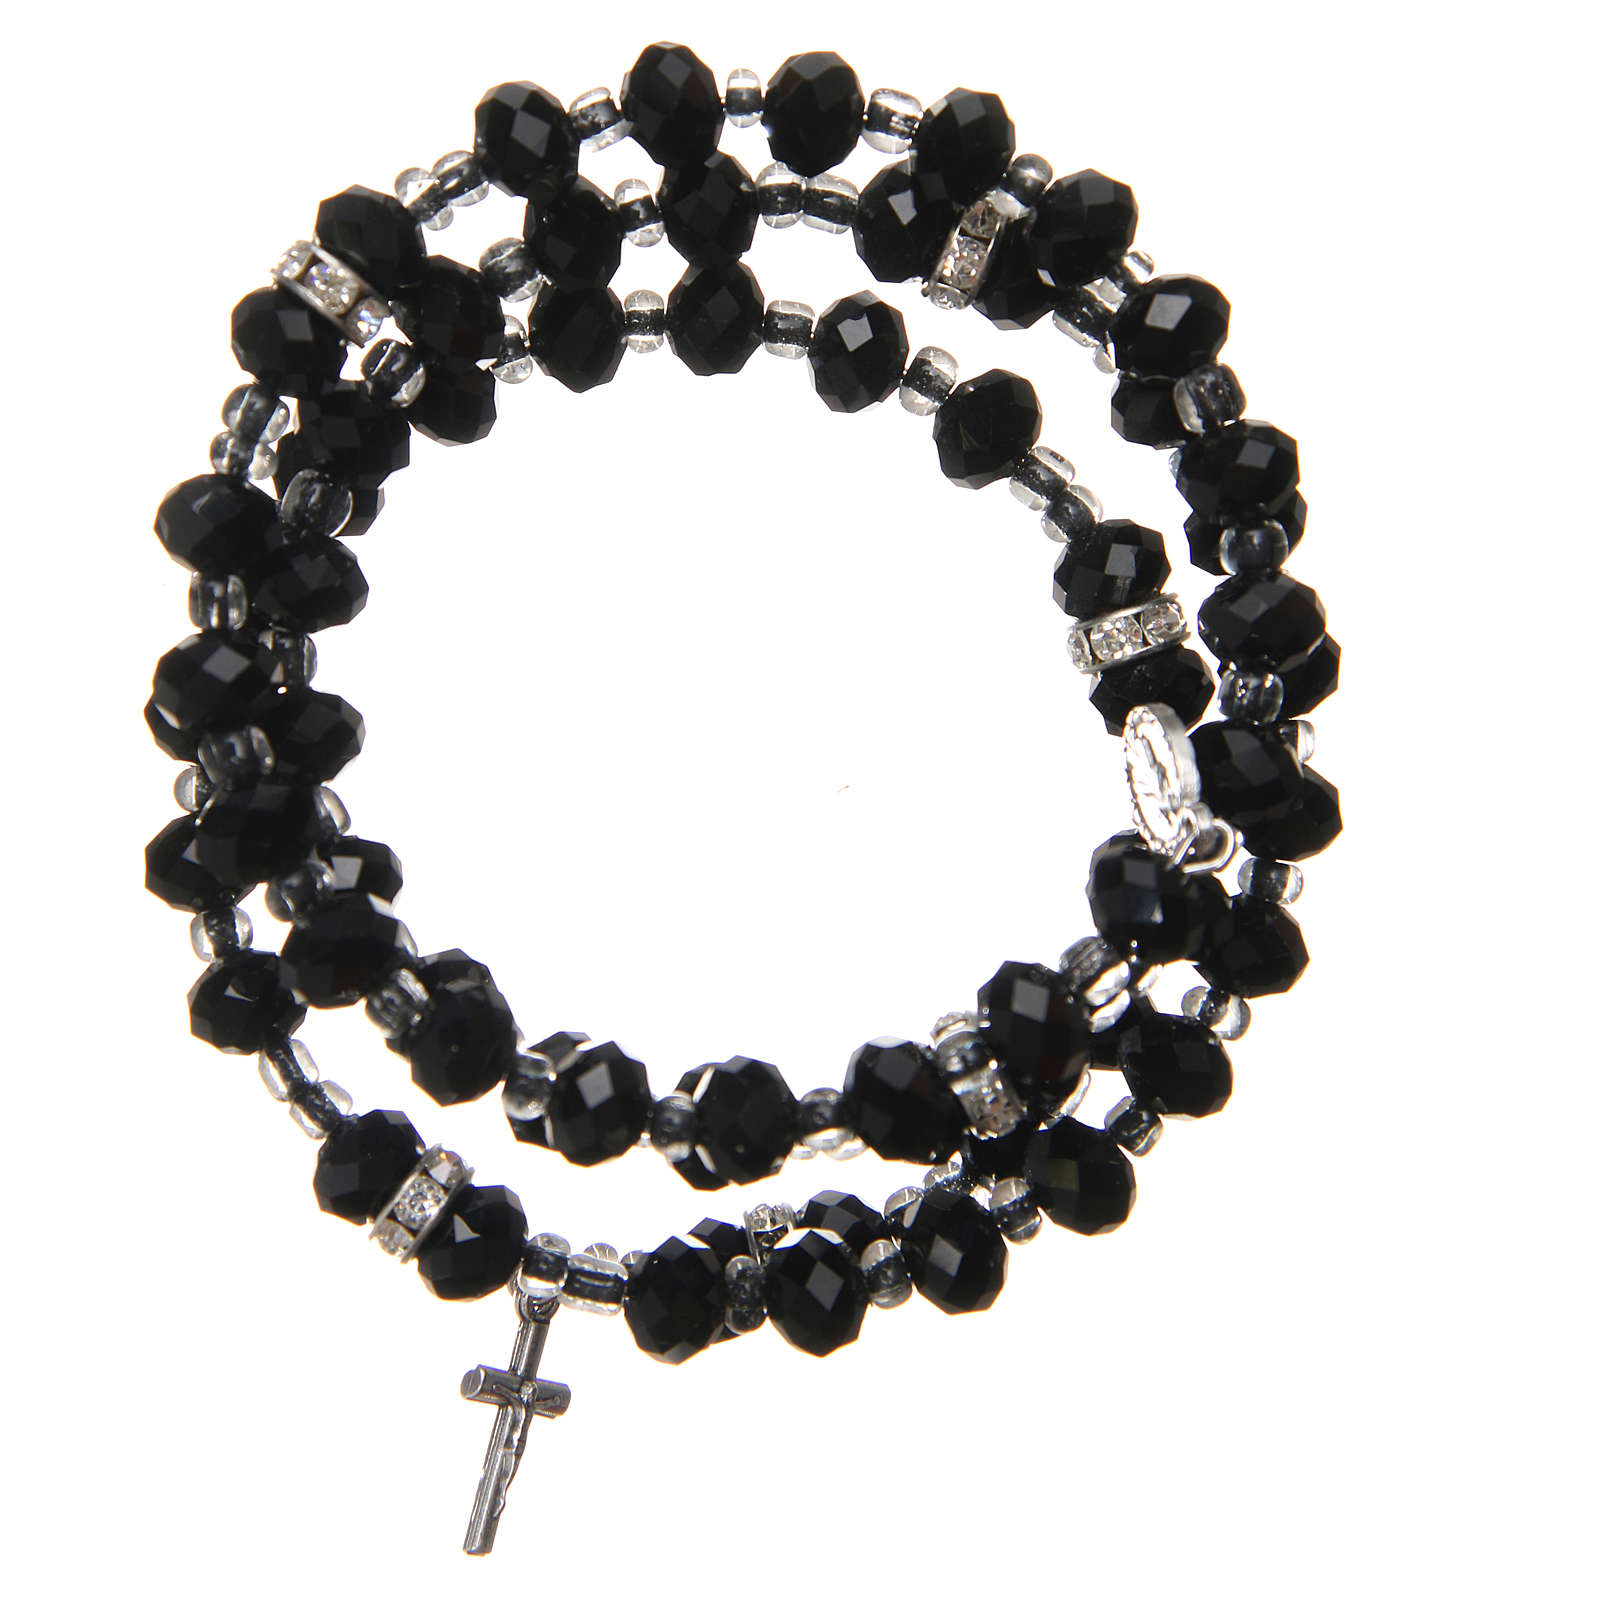 Braccialetto a molla perline nere croce Madonna Medjugorje 4